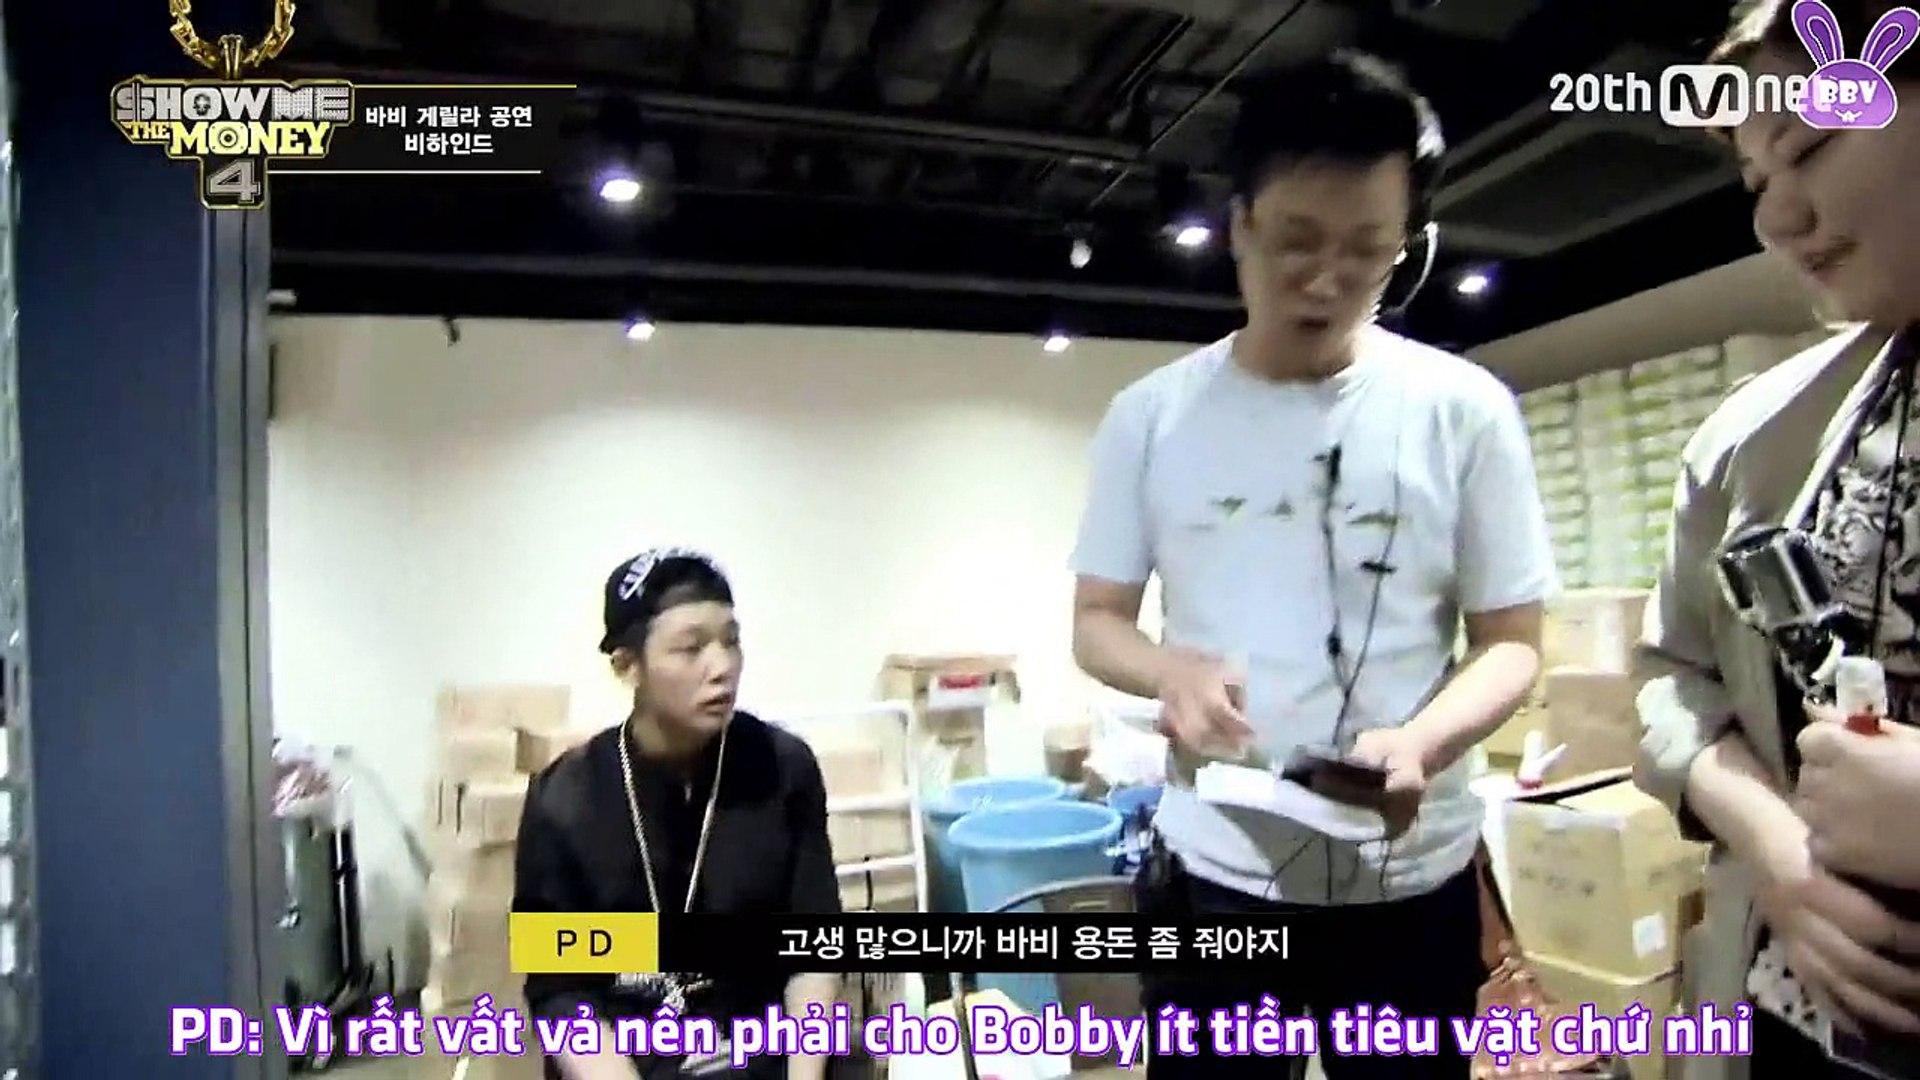 [BBV][Vietsub] Bobby - BTS SMTM4 Performance